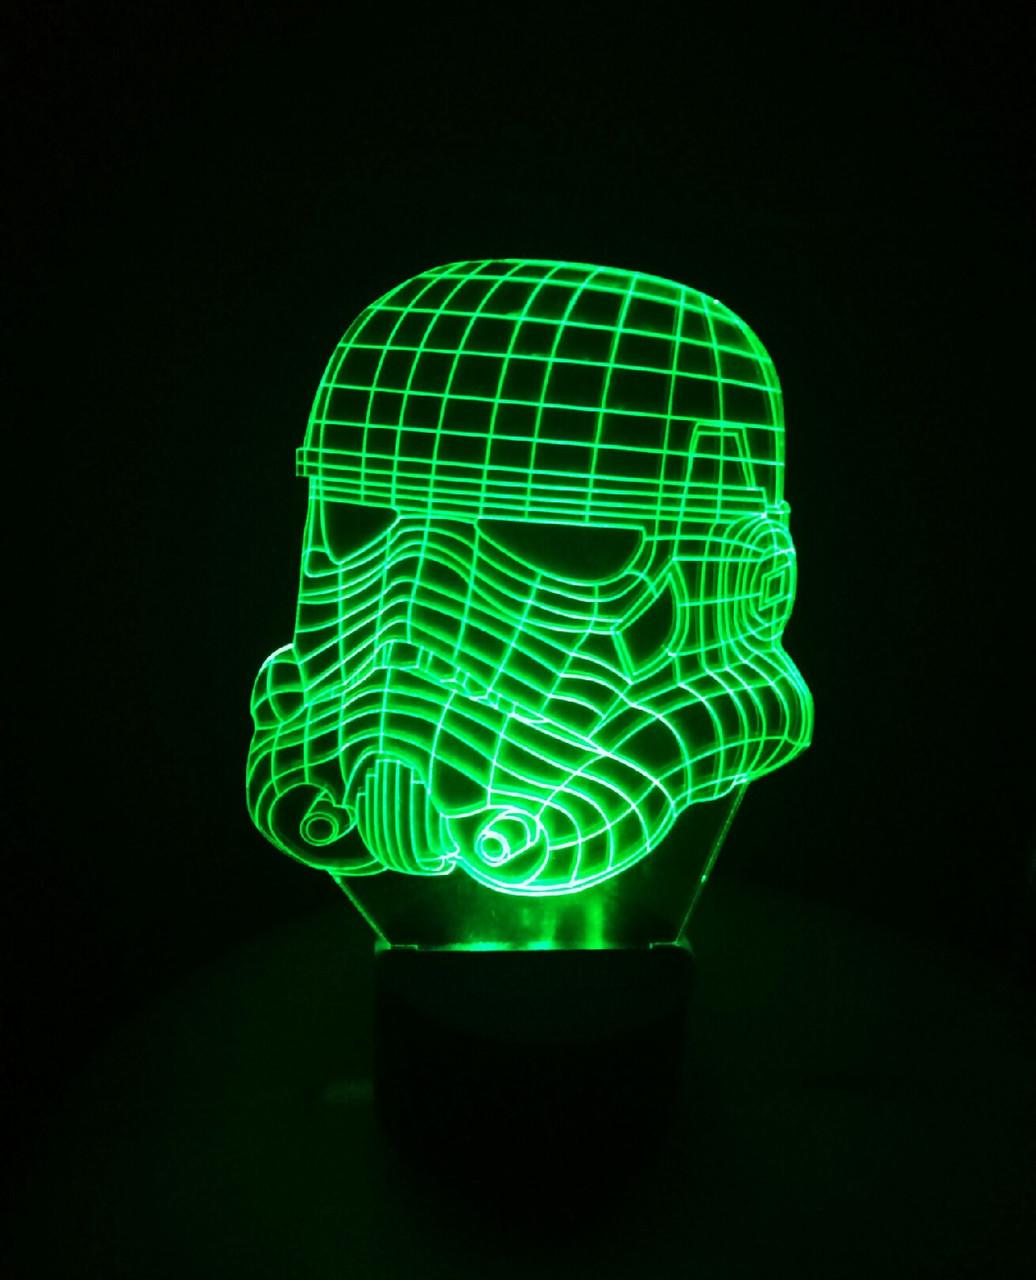 3d-светильник Клон солдат (Звездные войны Star wars), 3д-ночник, несколько подсветок (на батарейке)